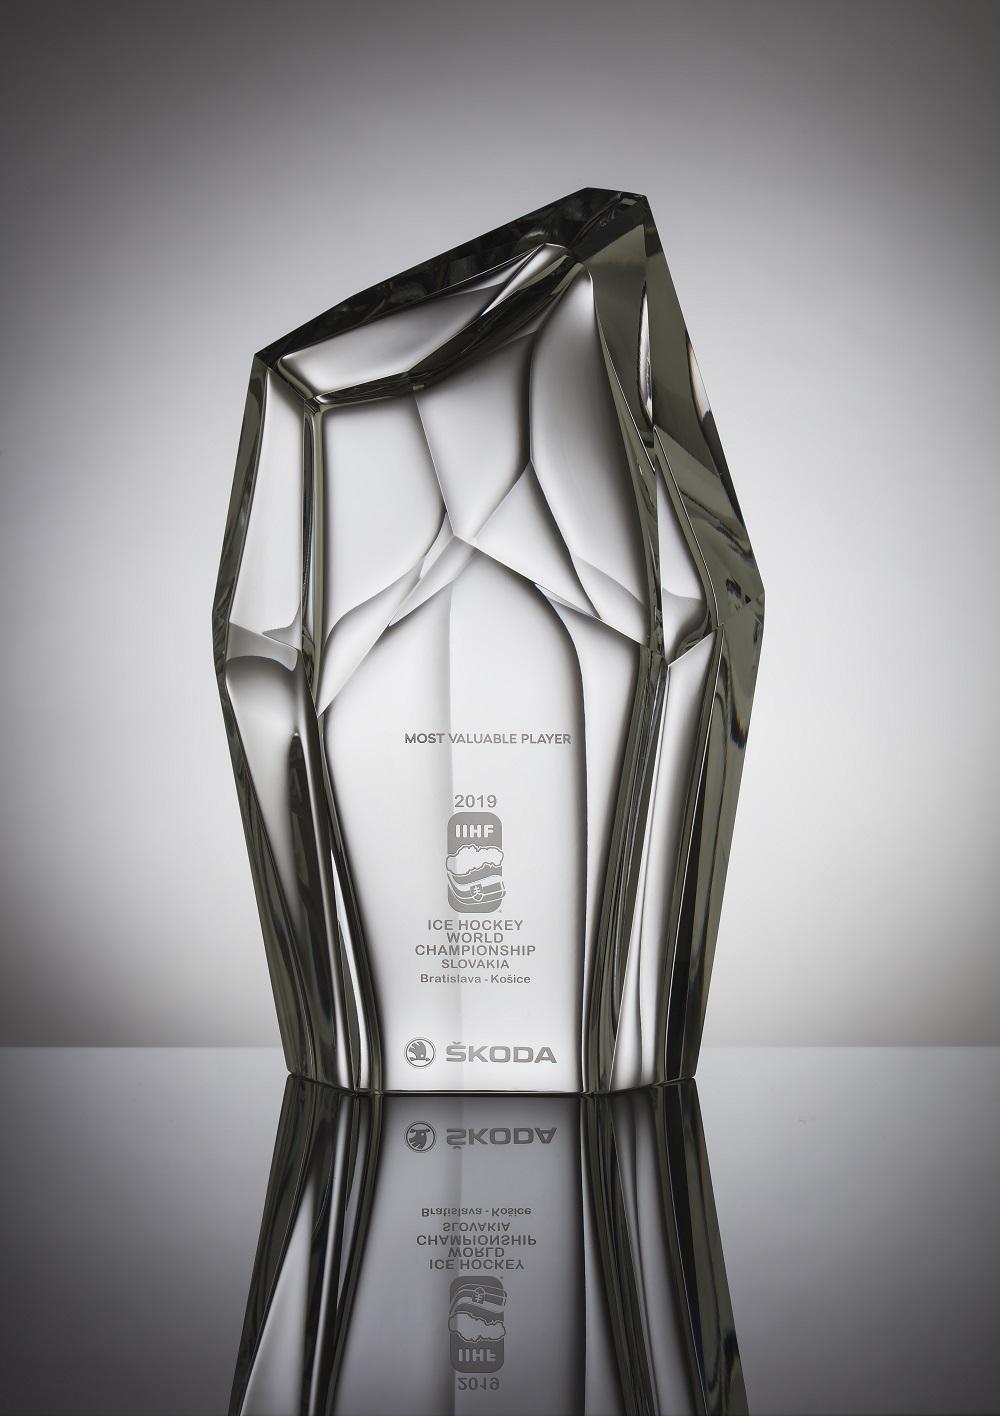 Студия SKODA Design создает награду для самого ценного игрока Чемпионата мира по хоккею IIHF 2019 (1)